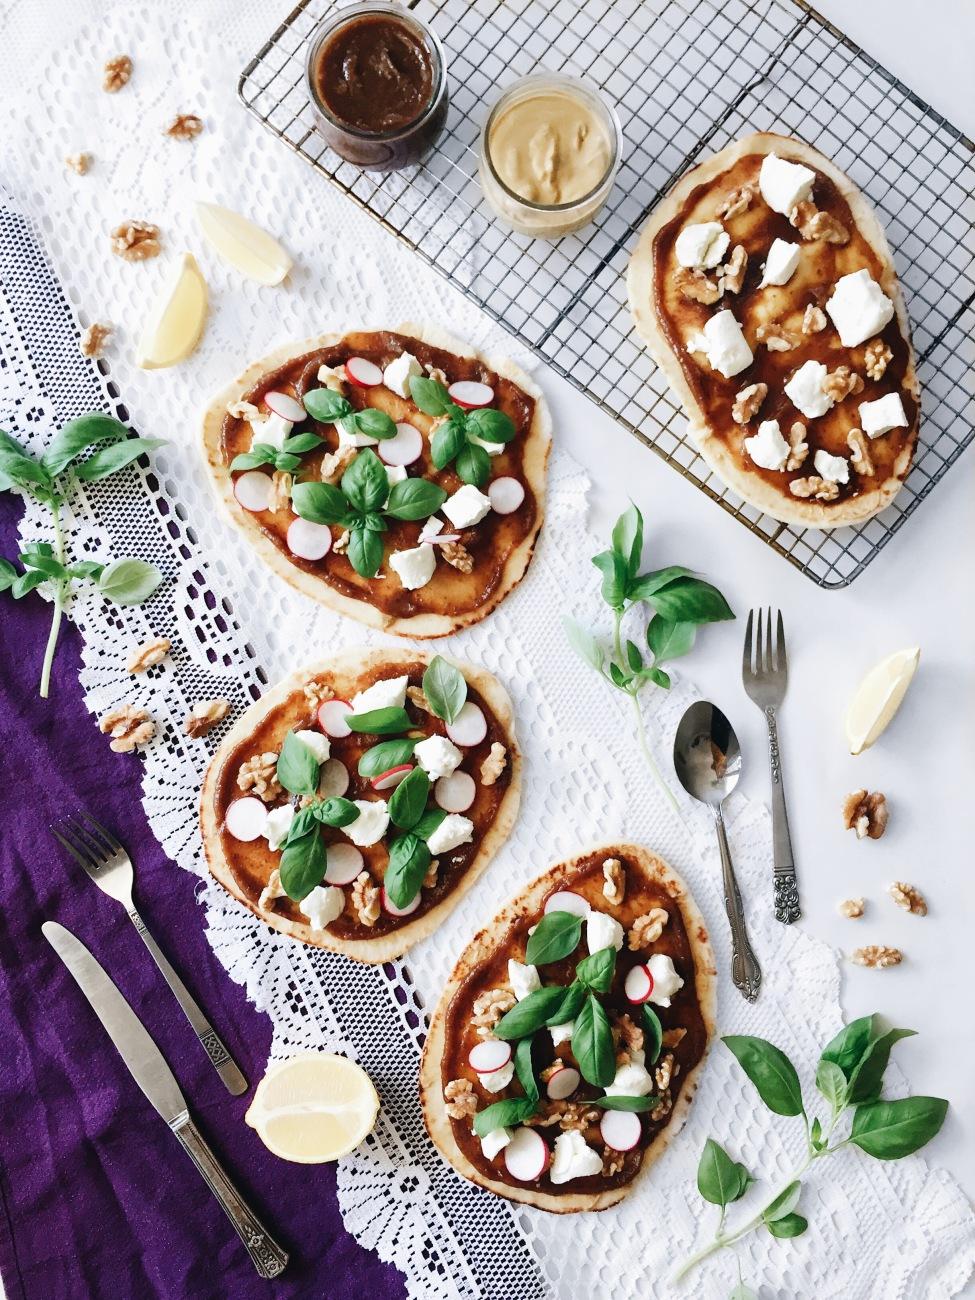 Pizza aux dattes, fromage de chèvre, noix de grenoble et basilic